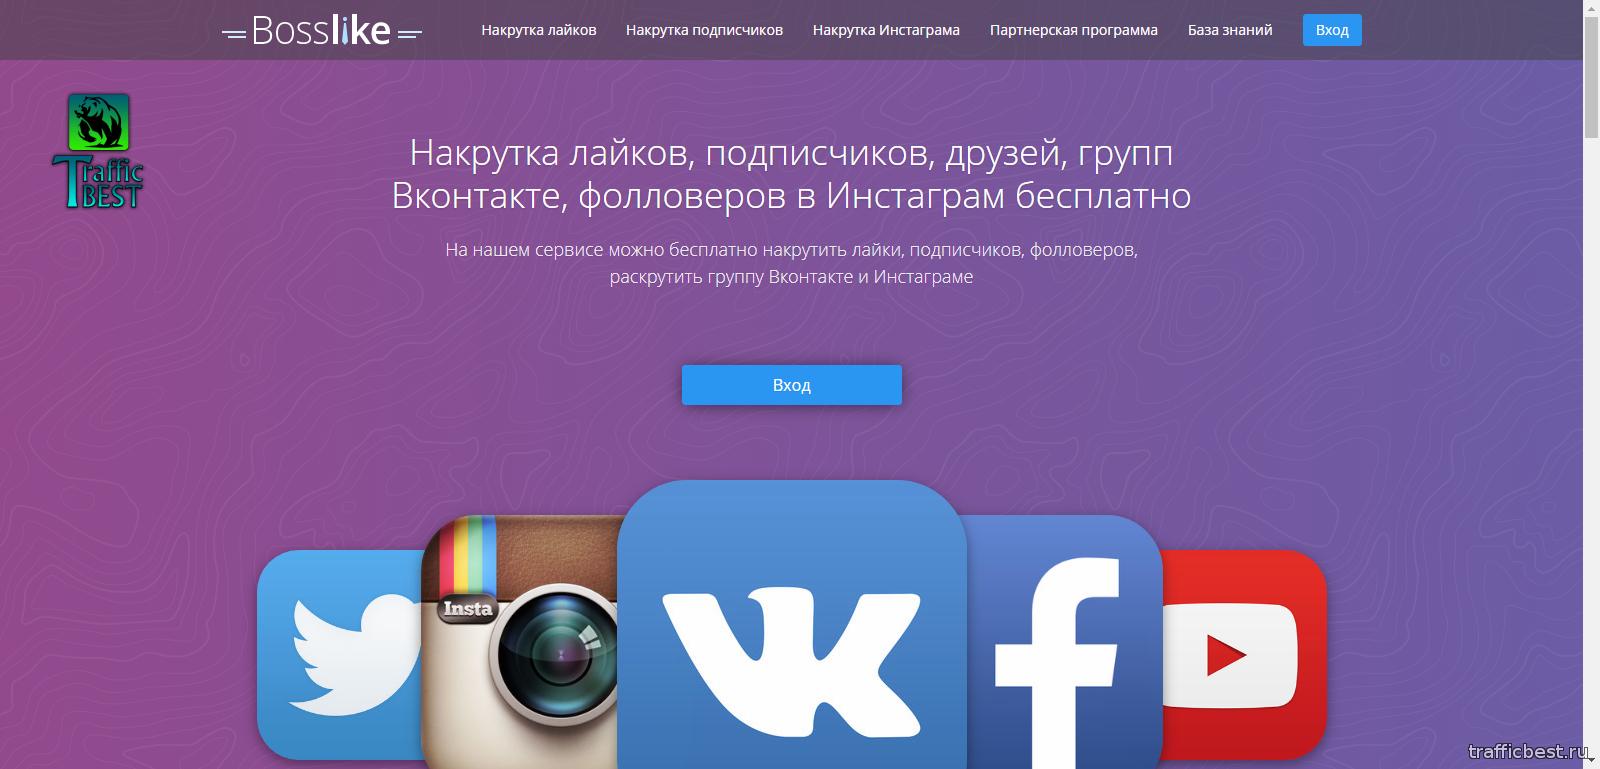 В Таджикистане заблокировали социальную сеть Facebook